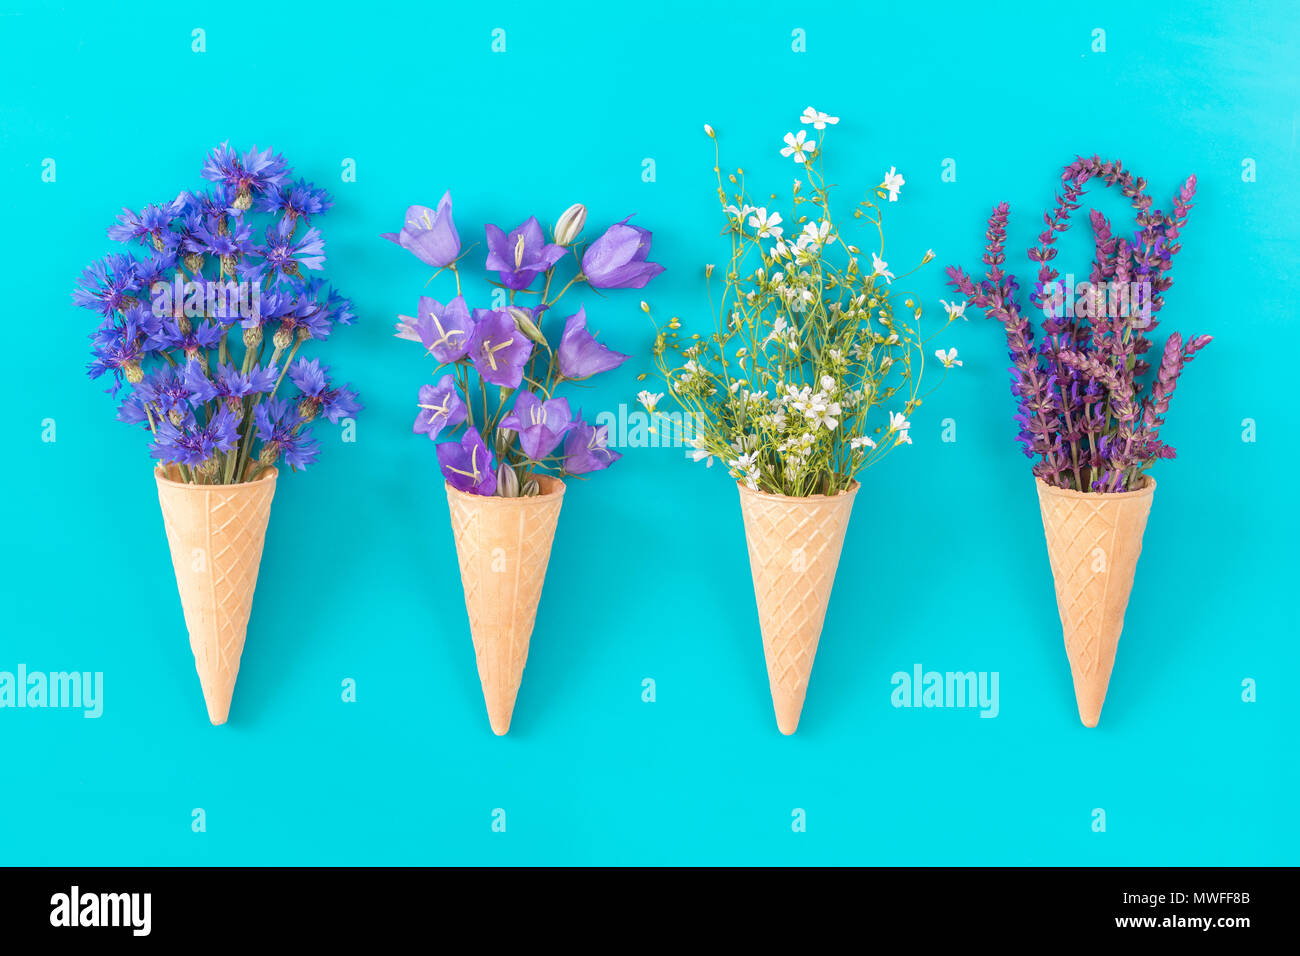 Quatre cônes alvéolés avec thym, bleuet, cloches bleu et blanc fleurs bouquets fleurs sur la surface bleue. Mise à plat, vue du dessus floral background. Photo Stock